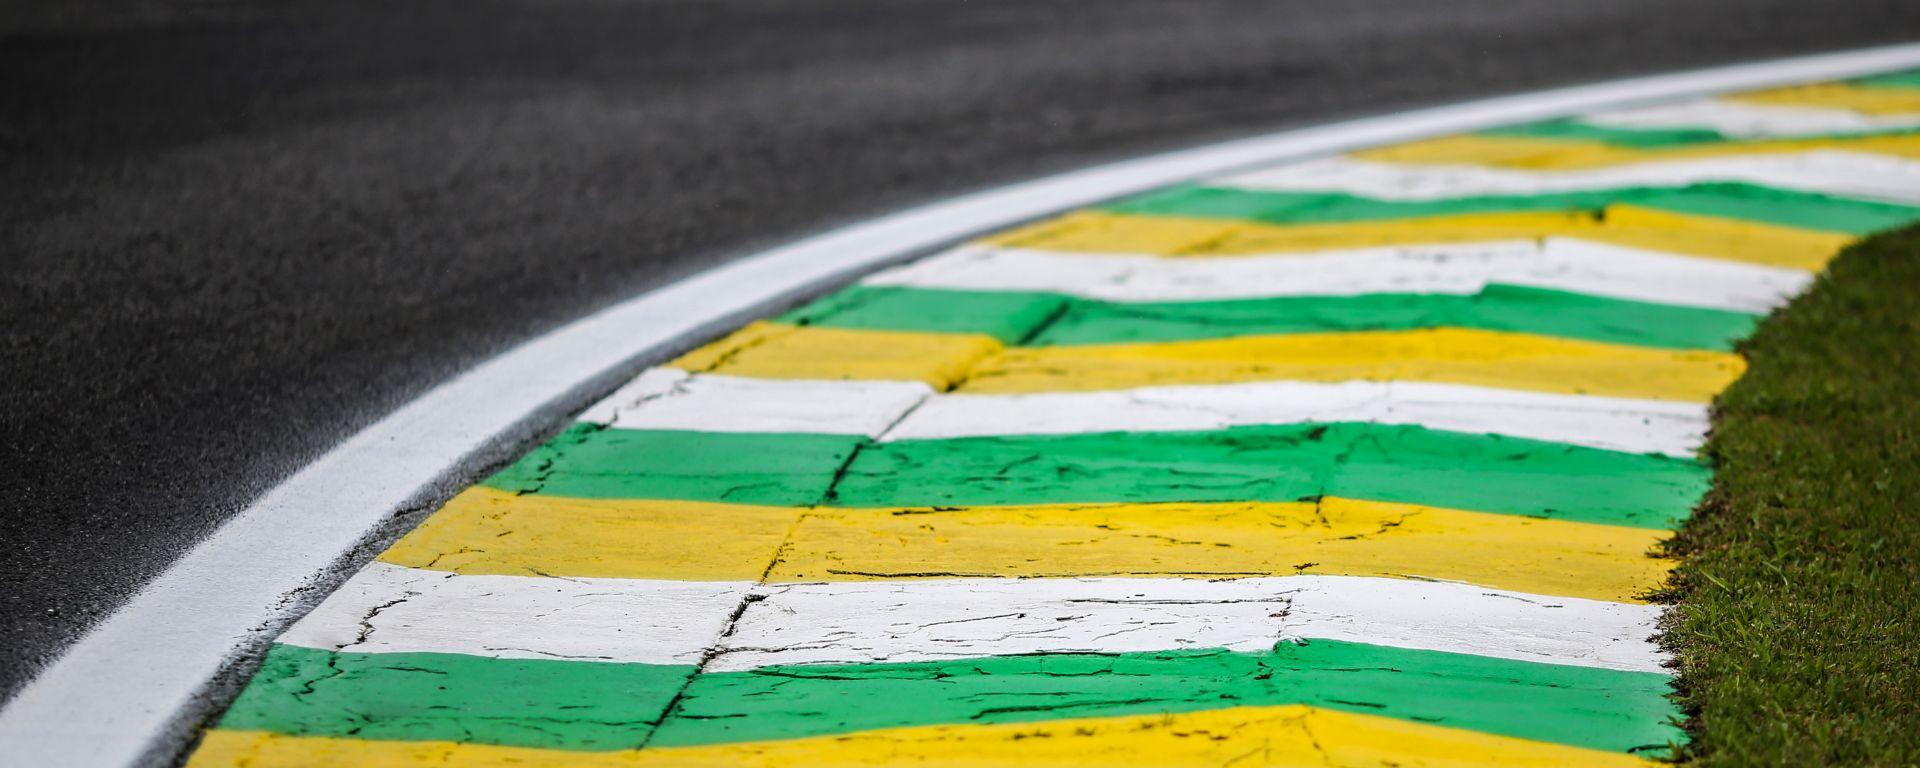 F1 GP Brasile 2019, Interlagos: uno degli iconici cordoli verdeoro della pista di San Paolo